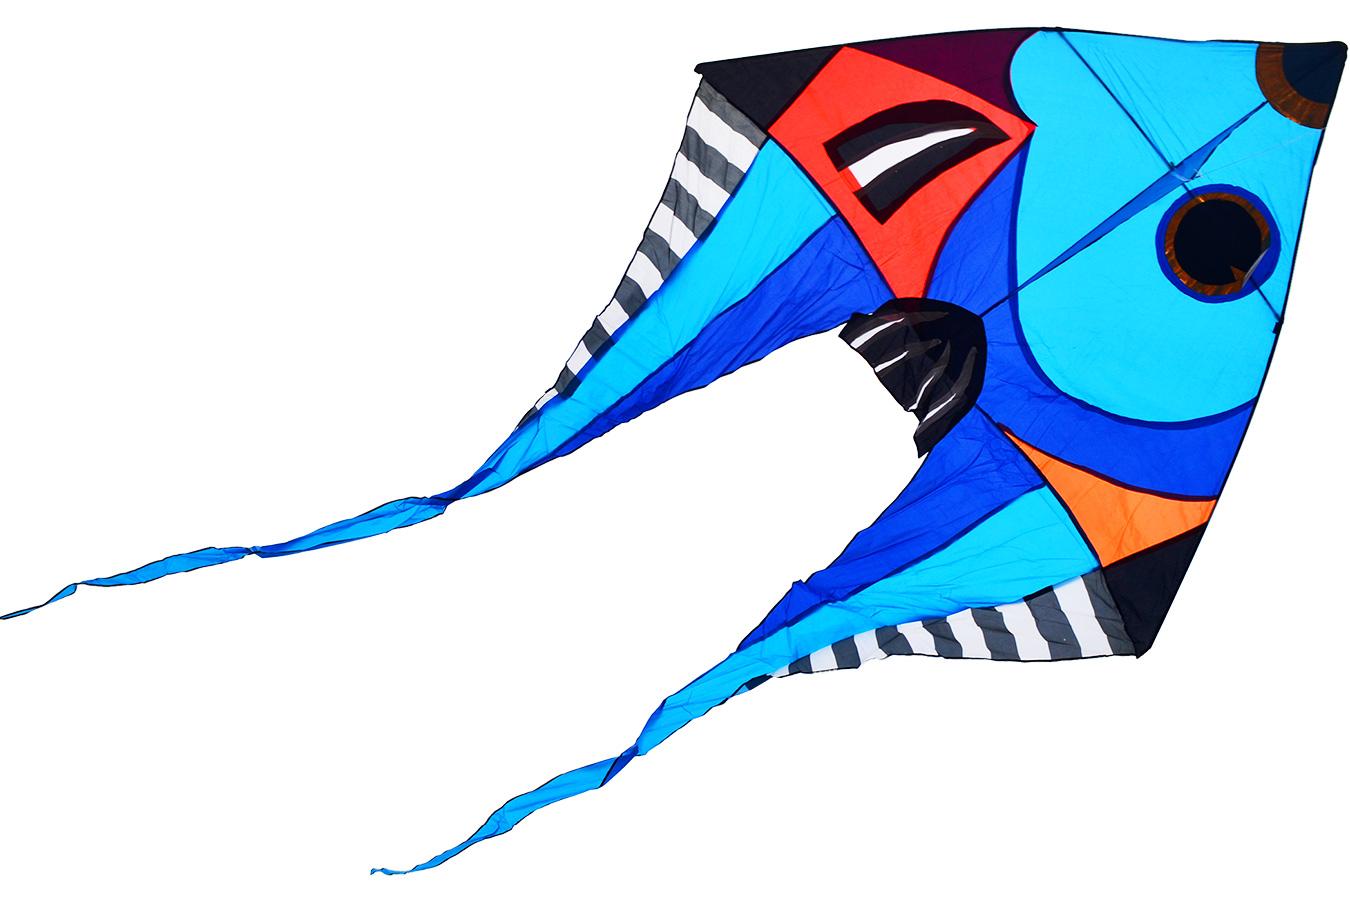 Змей воздушный Фронтоза синяя [ZVKTB]